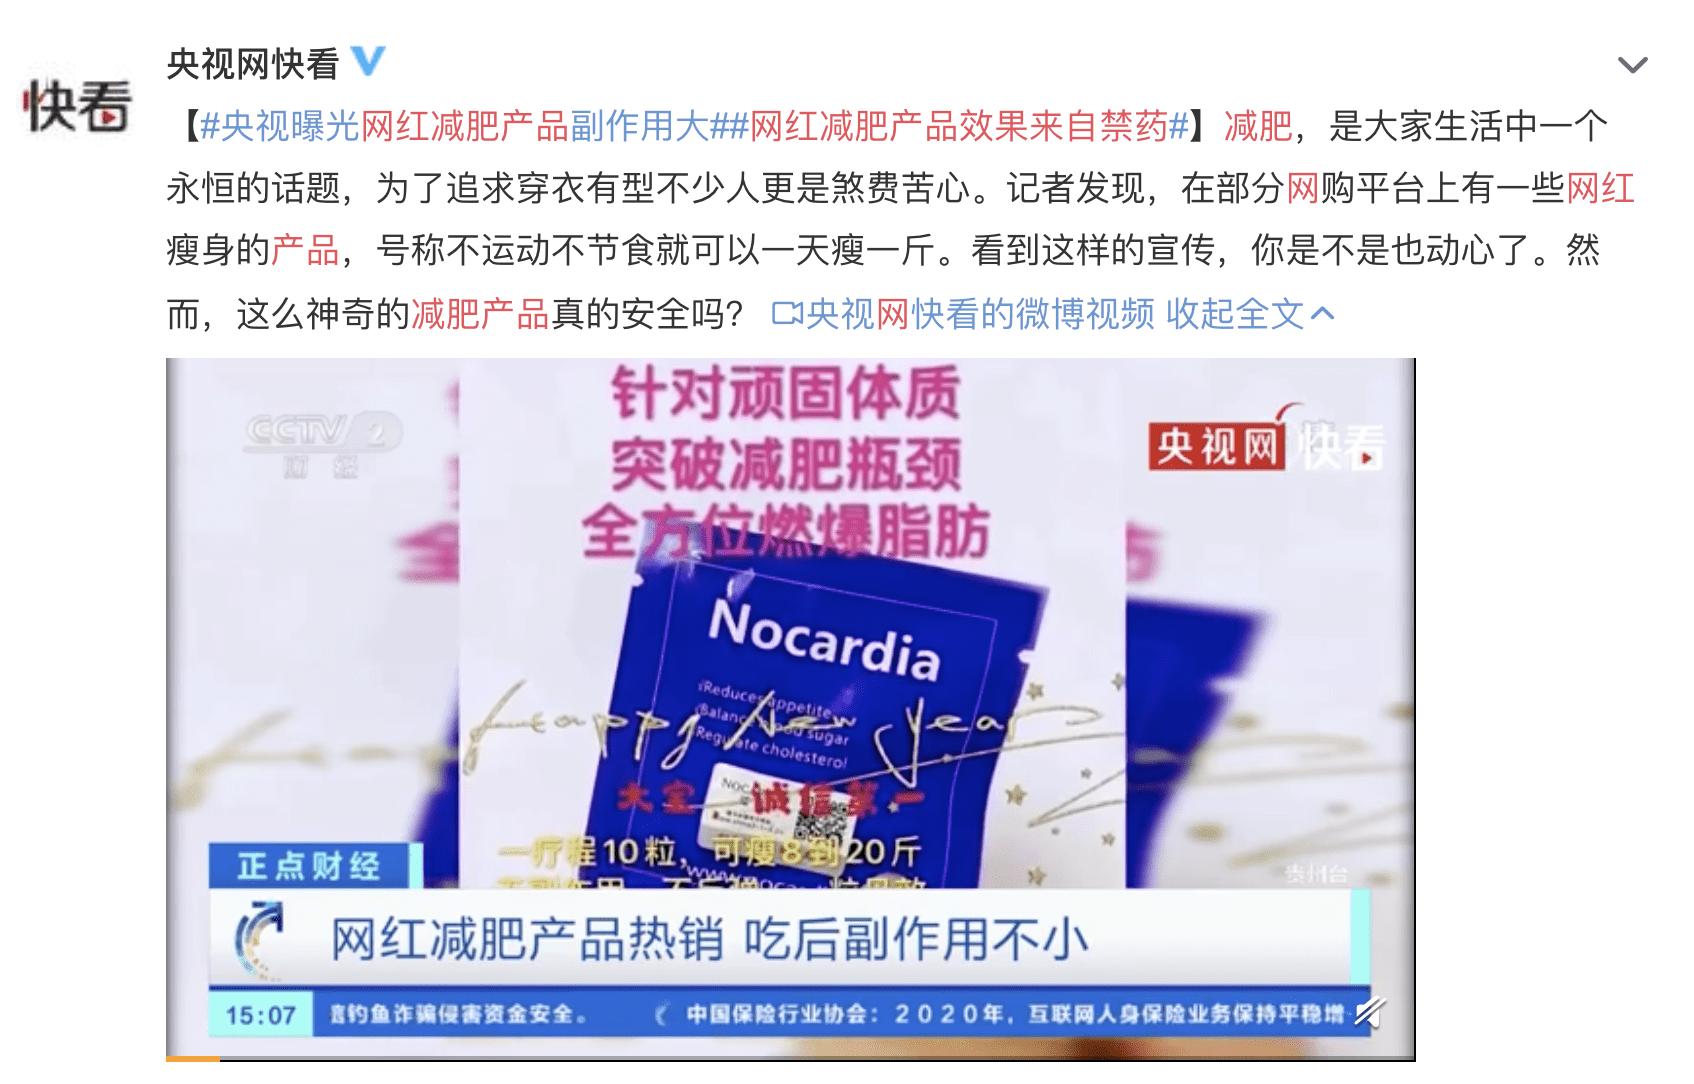 央视曝光网红减肥产品中含有违禁药!这样减肥